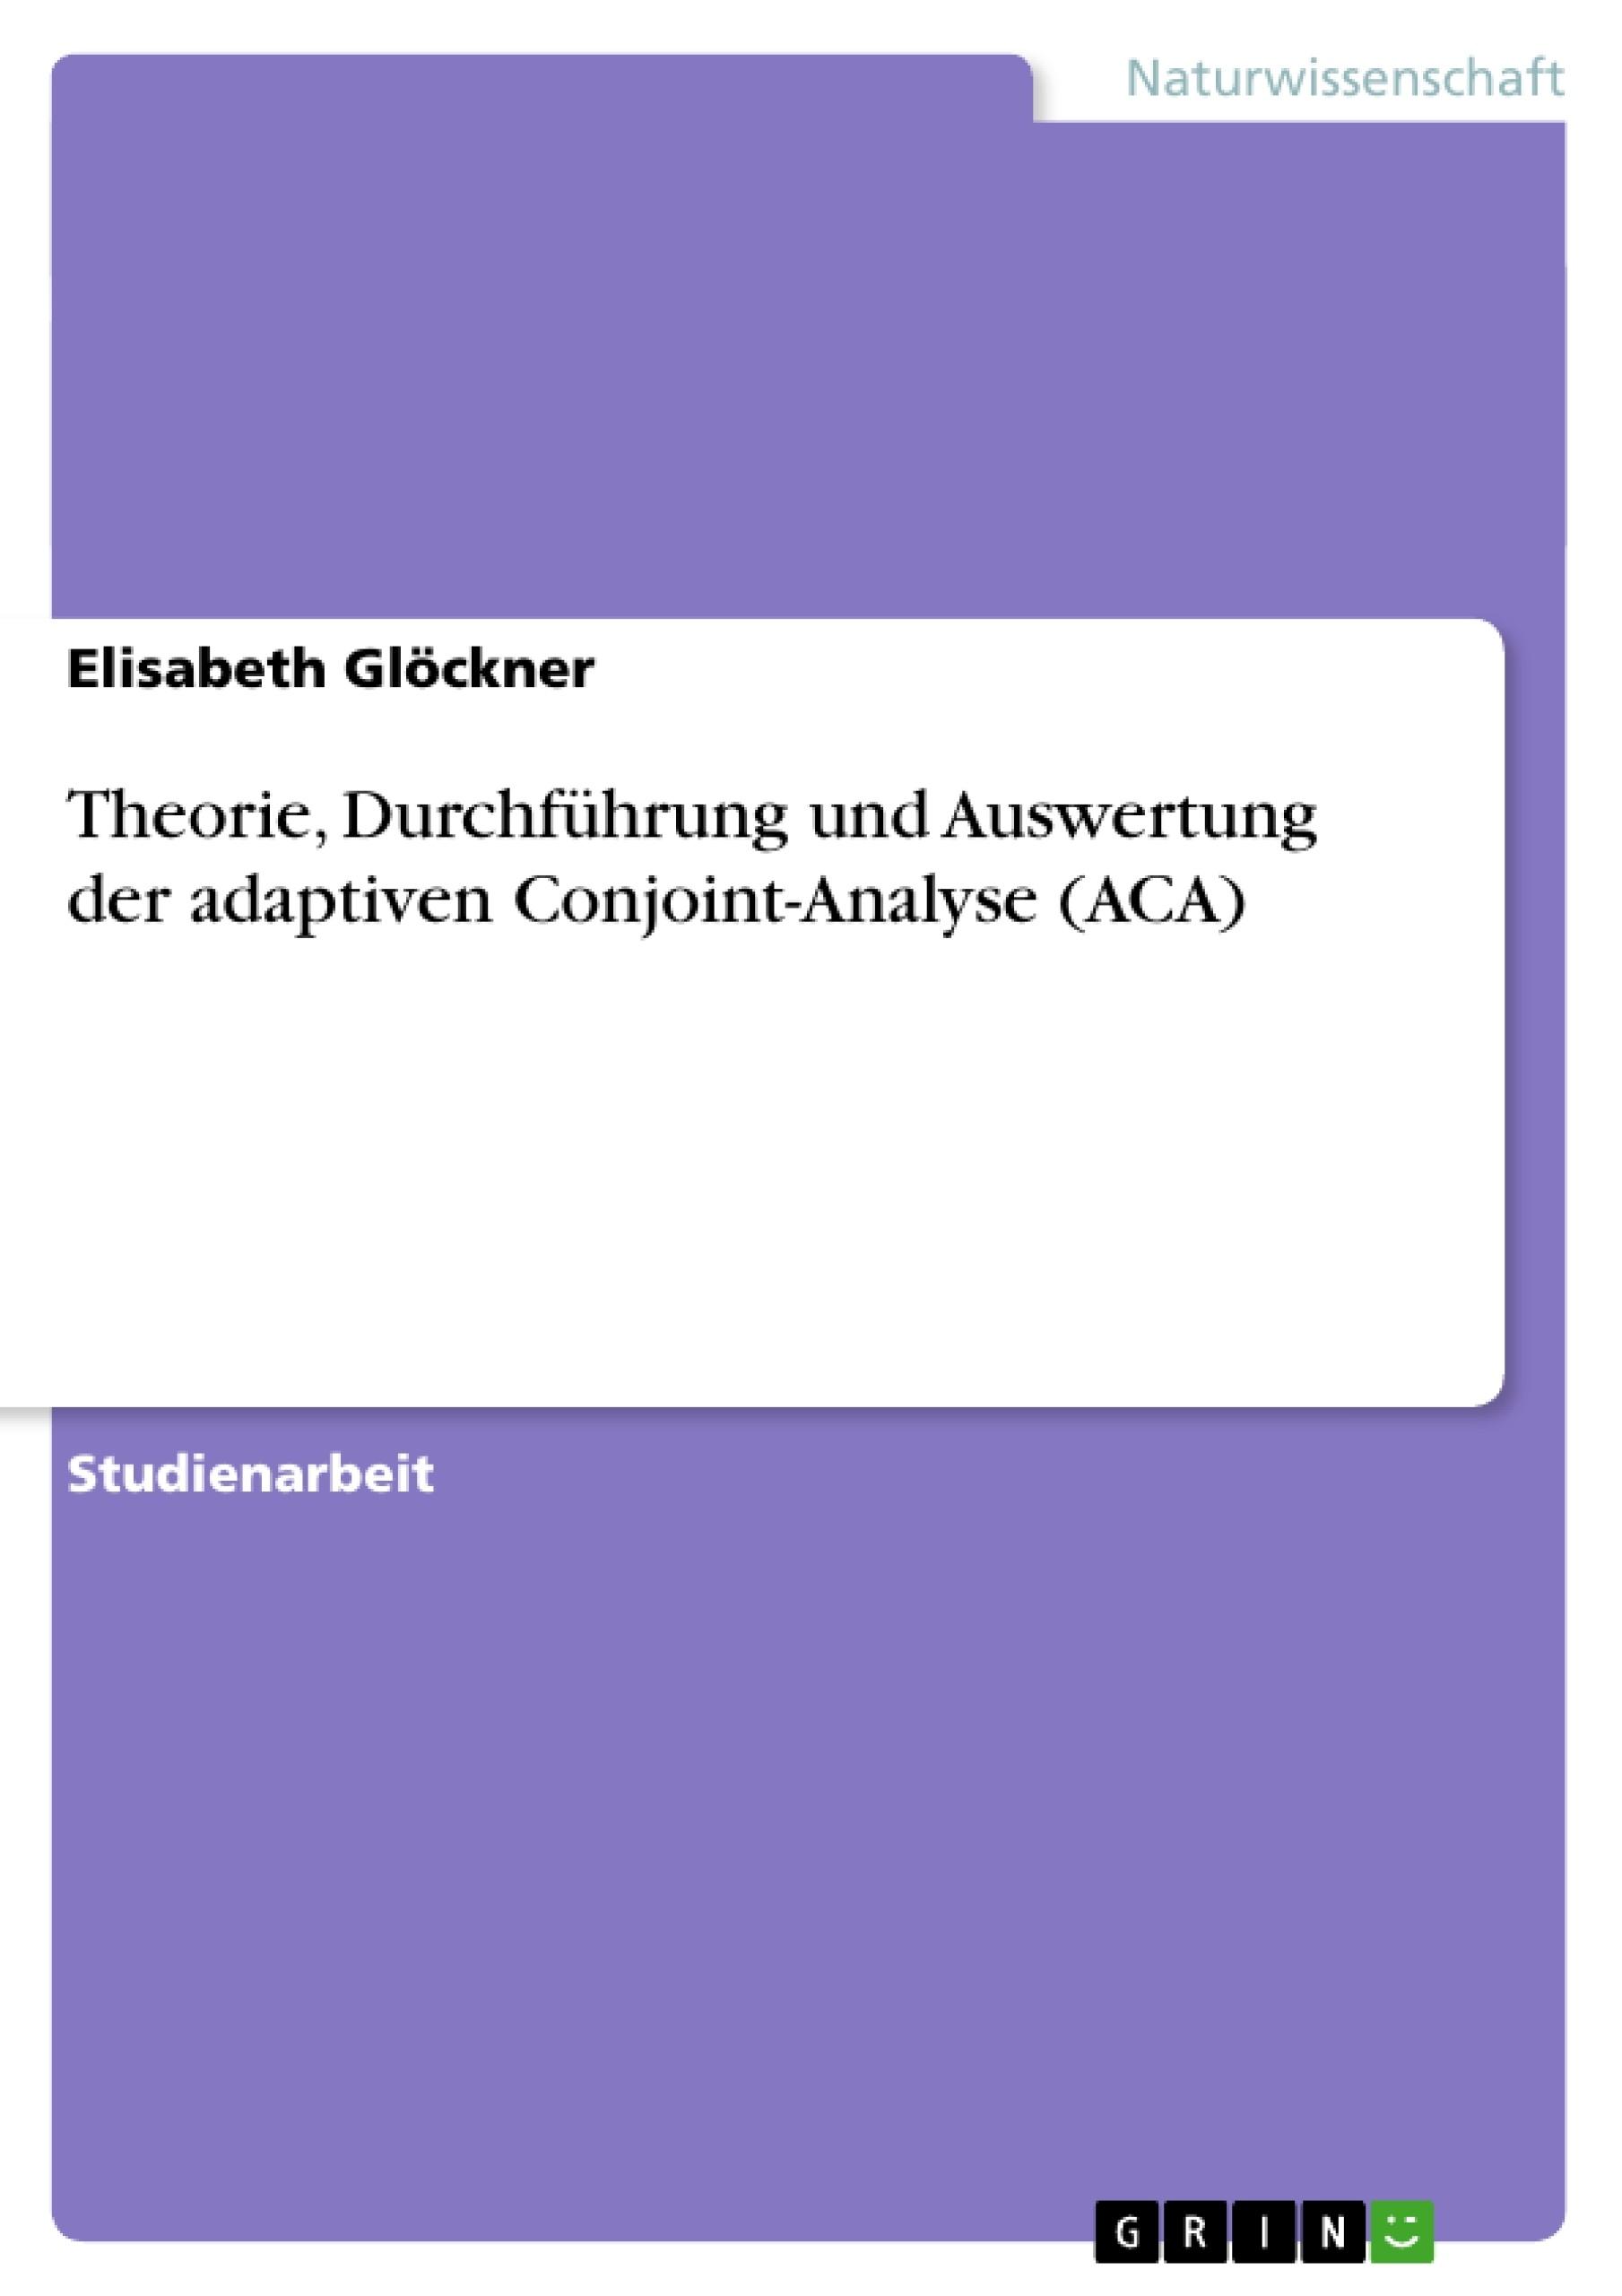 Titel: Theorie, Durchführung und Auswertung der adaptiven Conjoint-Analyse (ACA)